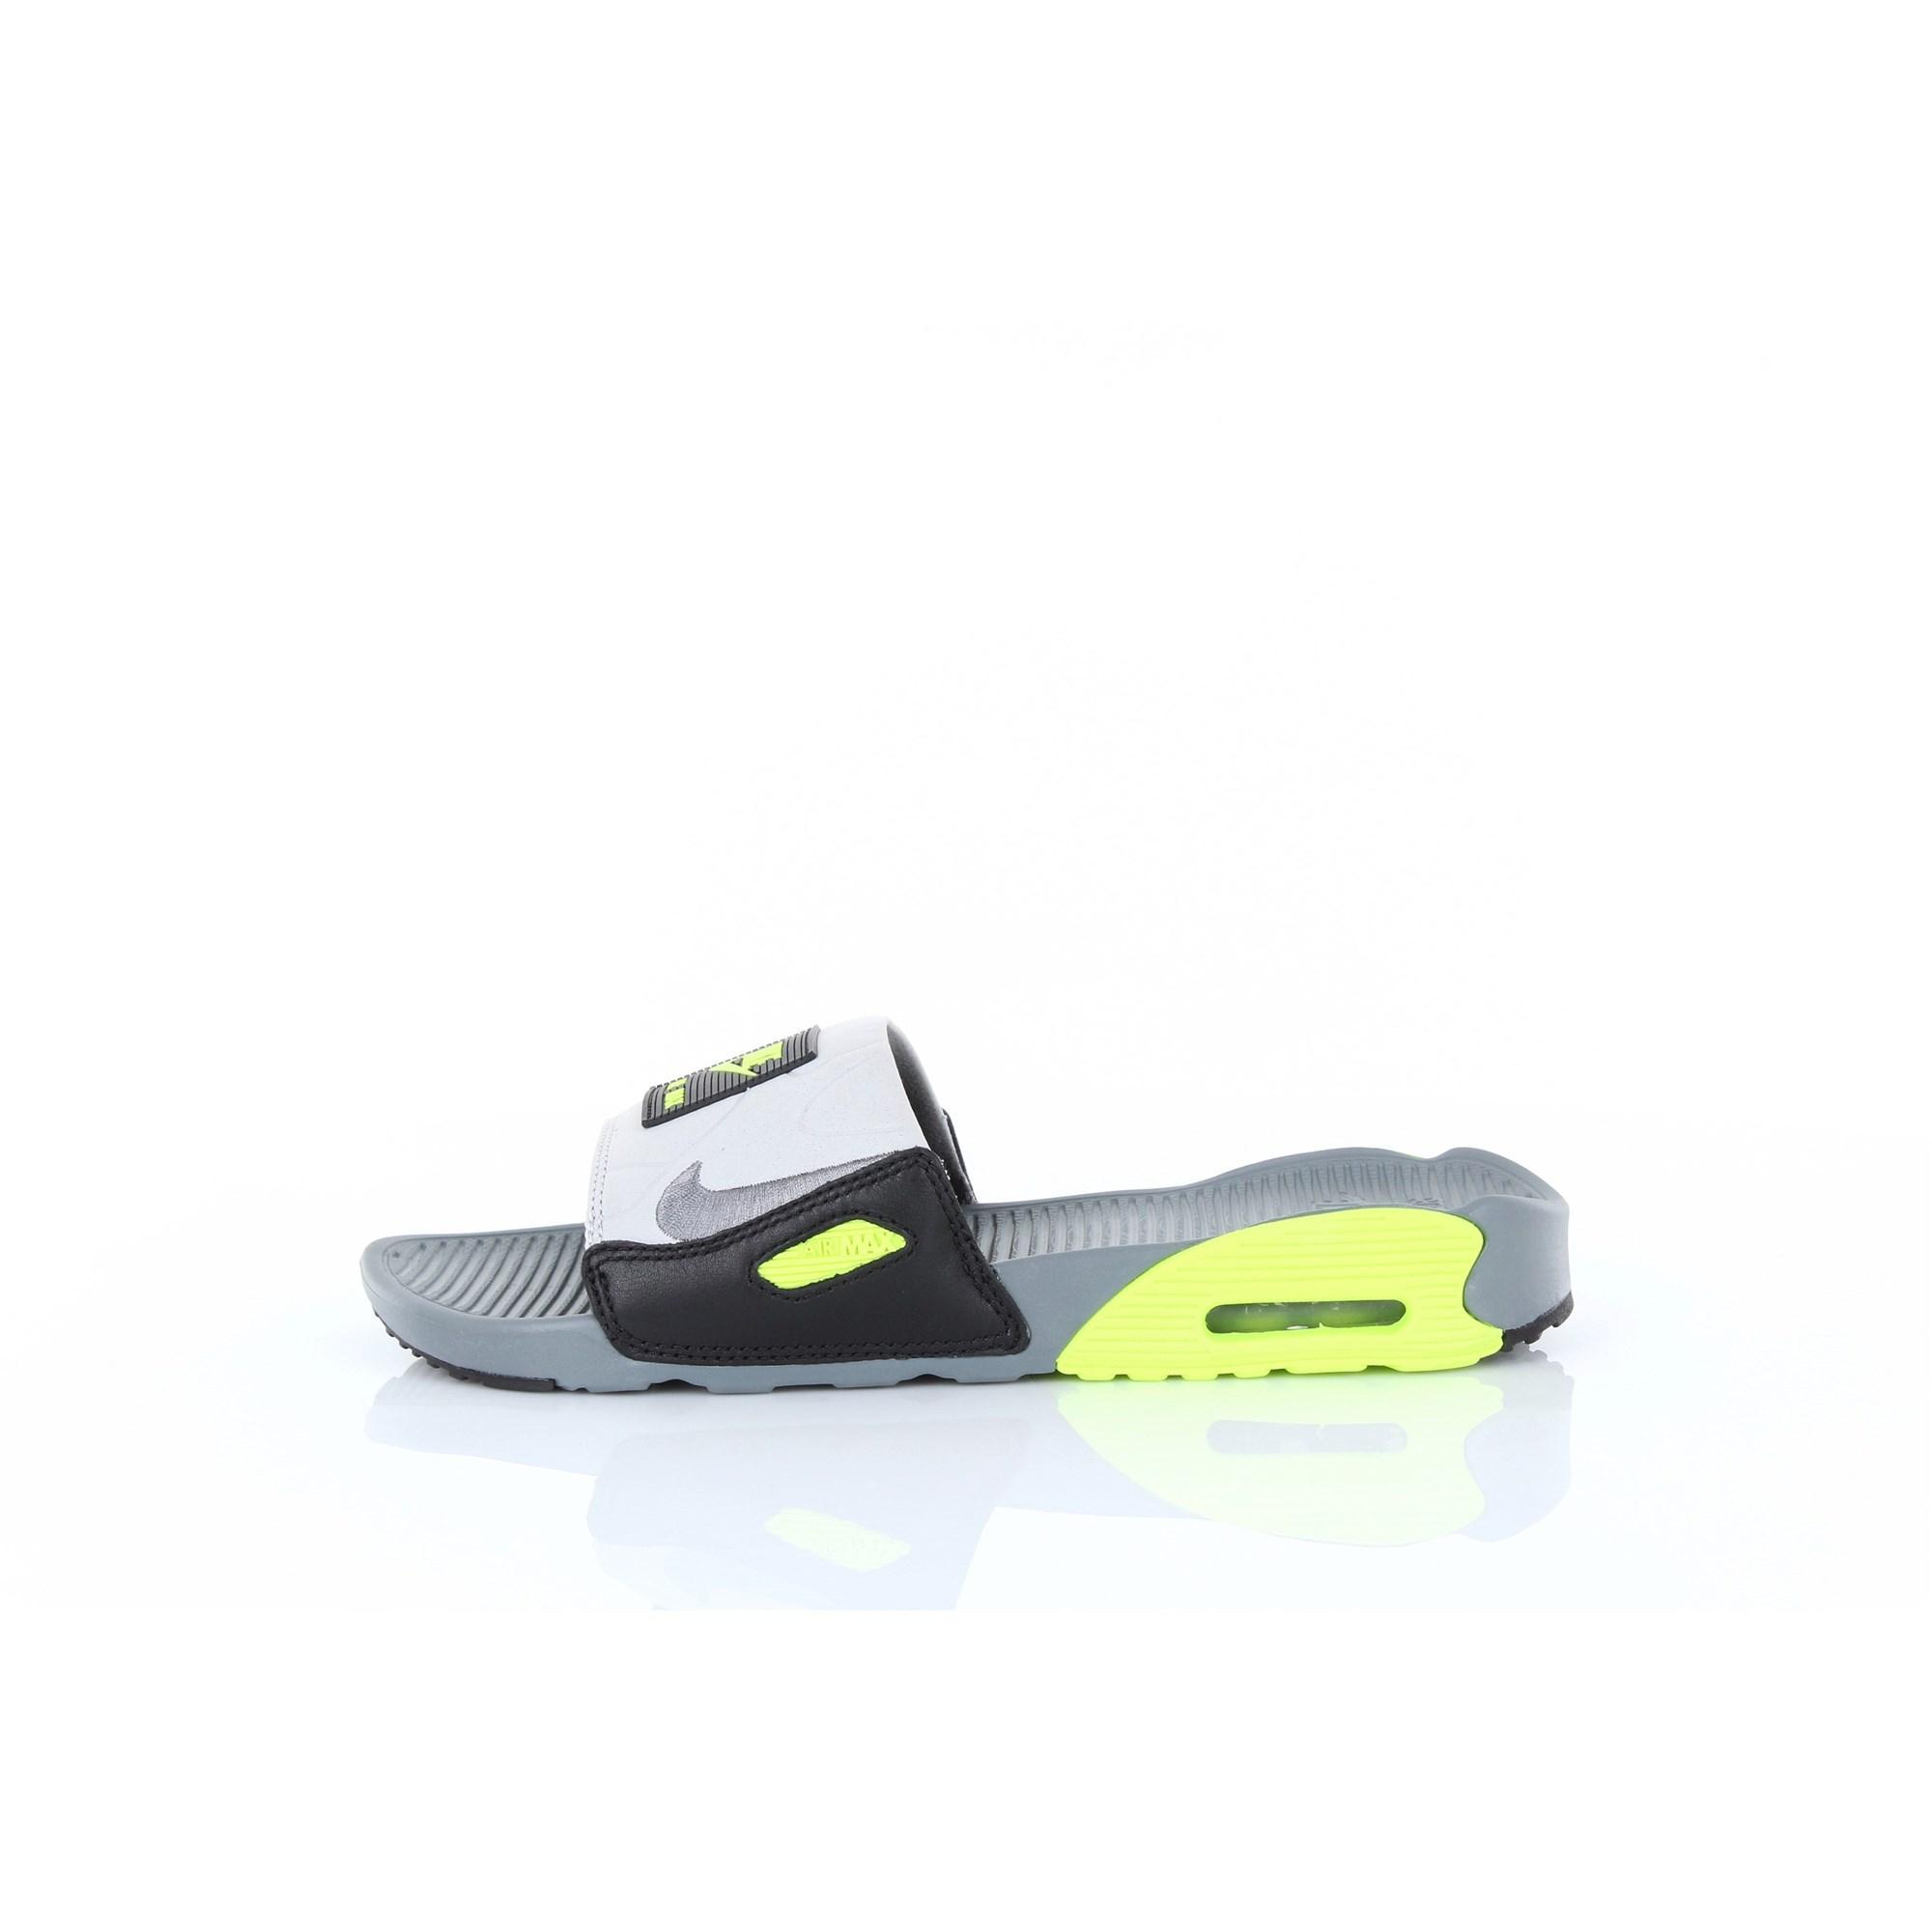 Chaussons air max 90 slide Caoutchouc Nike en coloris Gris - Lyst